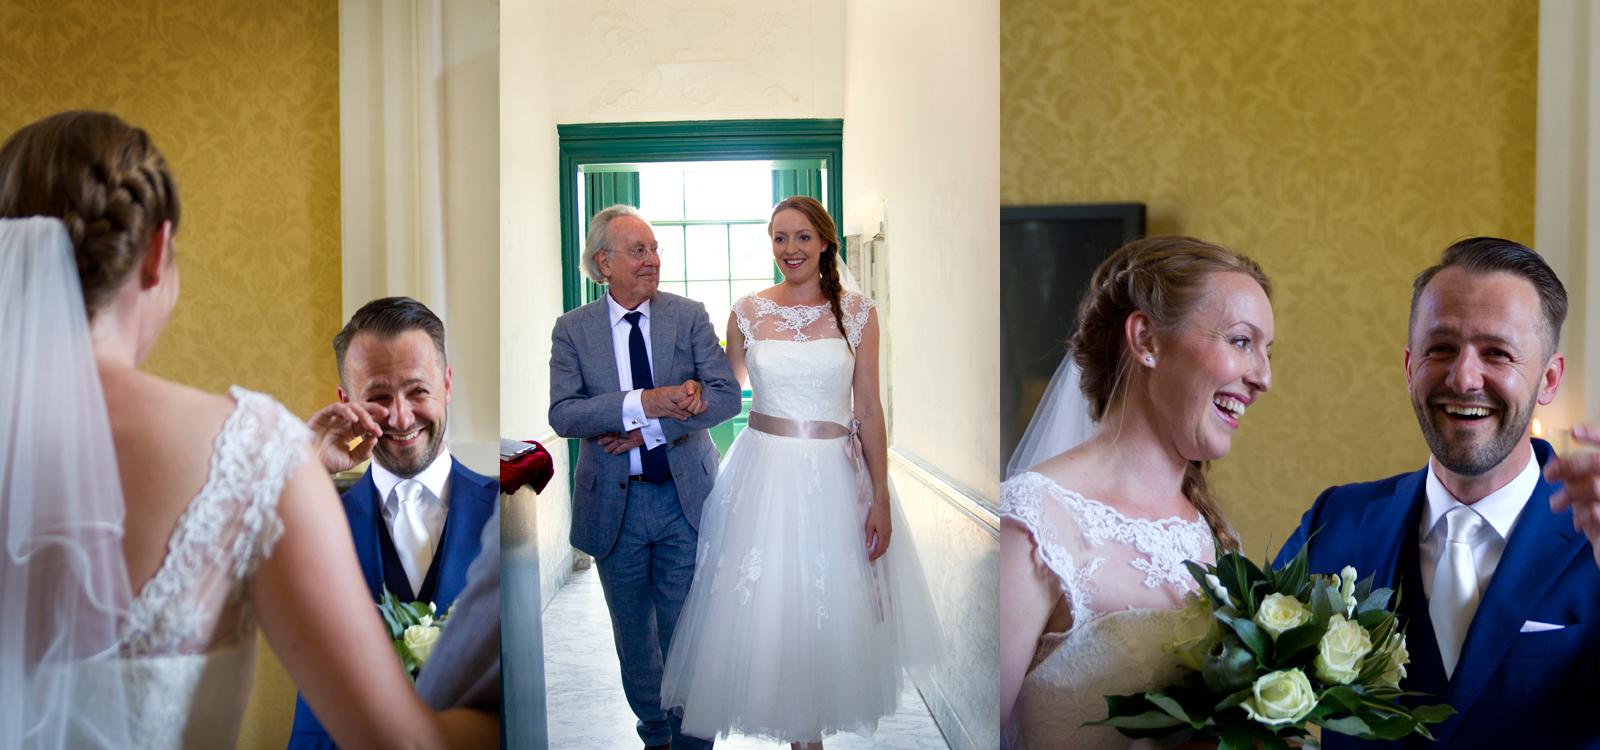 Een emotionele foto van de bruid en de bruidegom die elkaar zien.